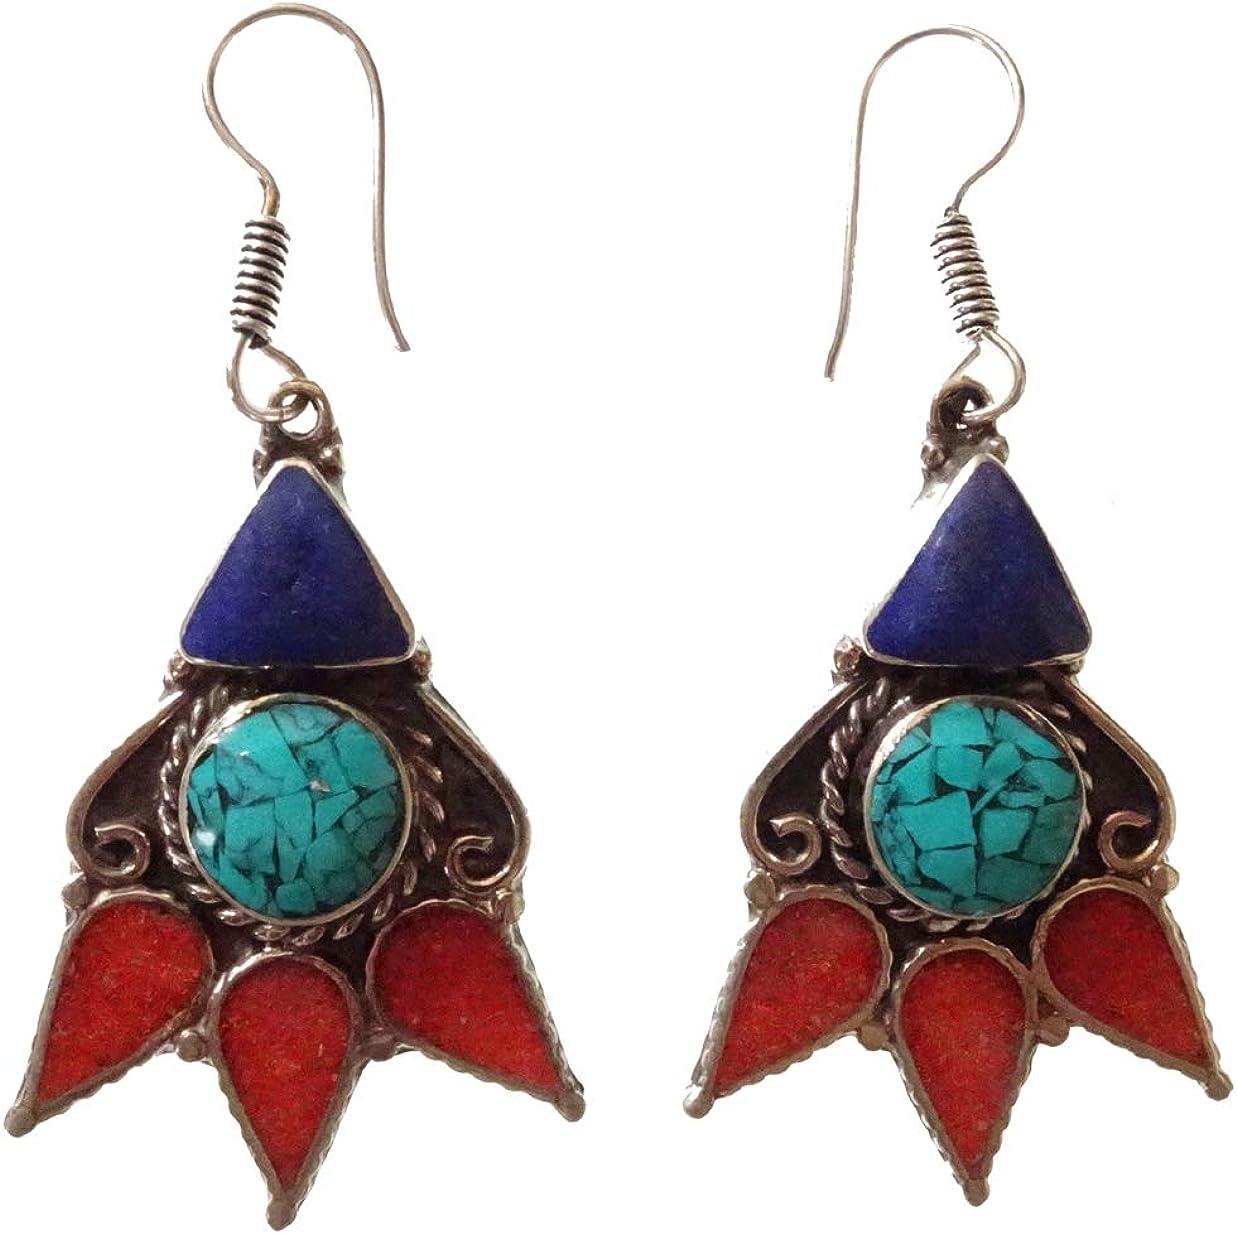 Pendiente tibetano para las mujeres hecho a mano oxidado plateado Boho étnico antiguo piedras preciosas turquesa Lapis Coral budista bohemio novedad pendiente joyería de moda